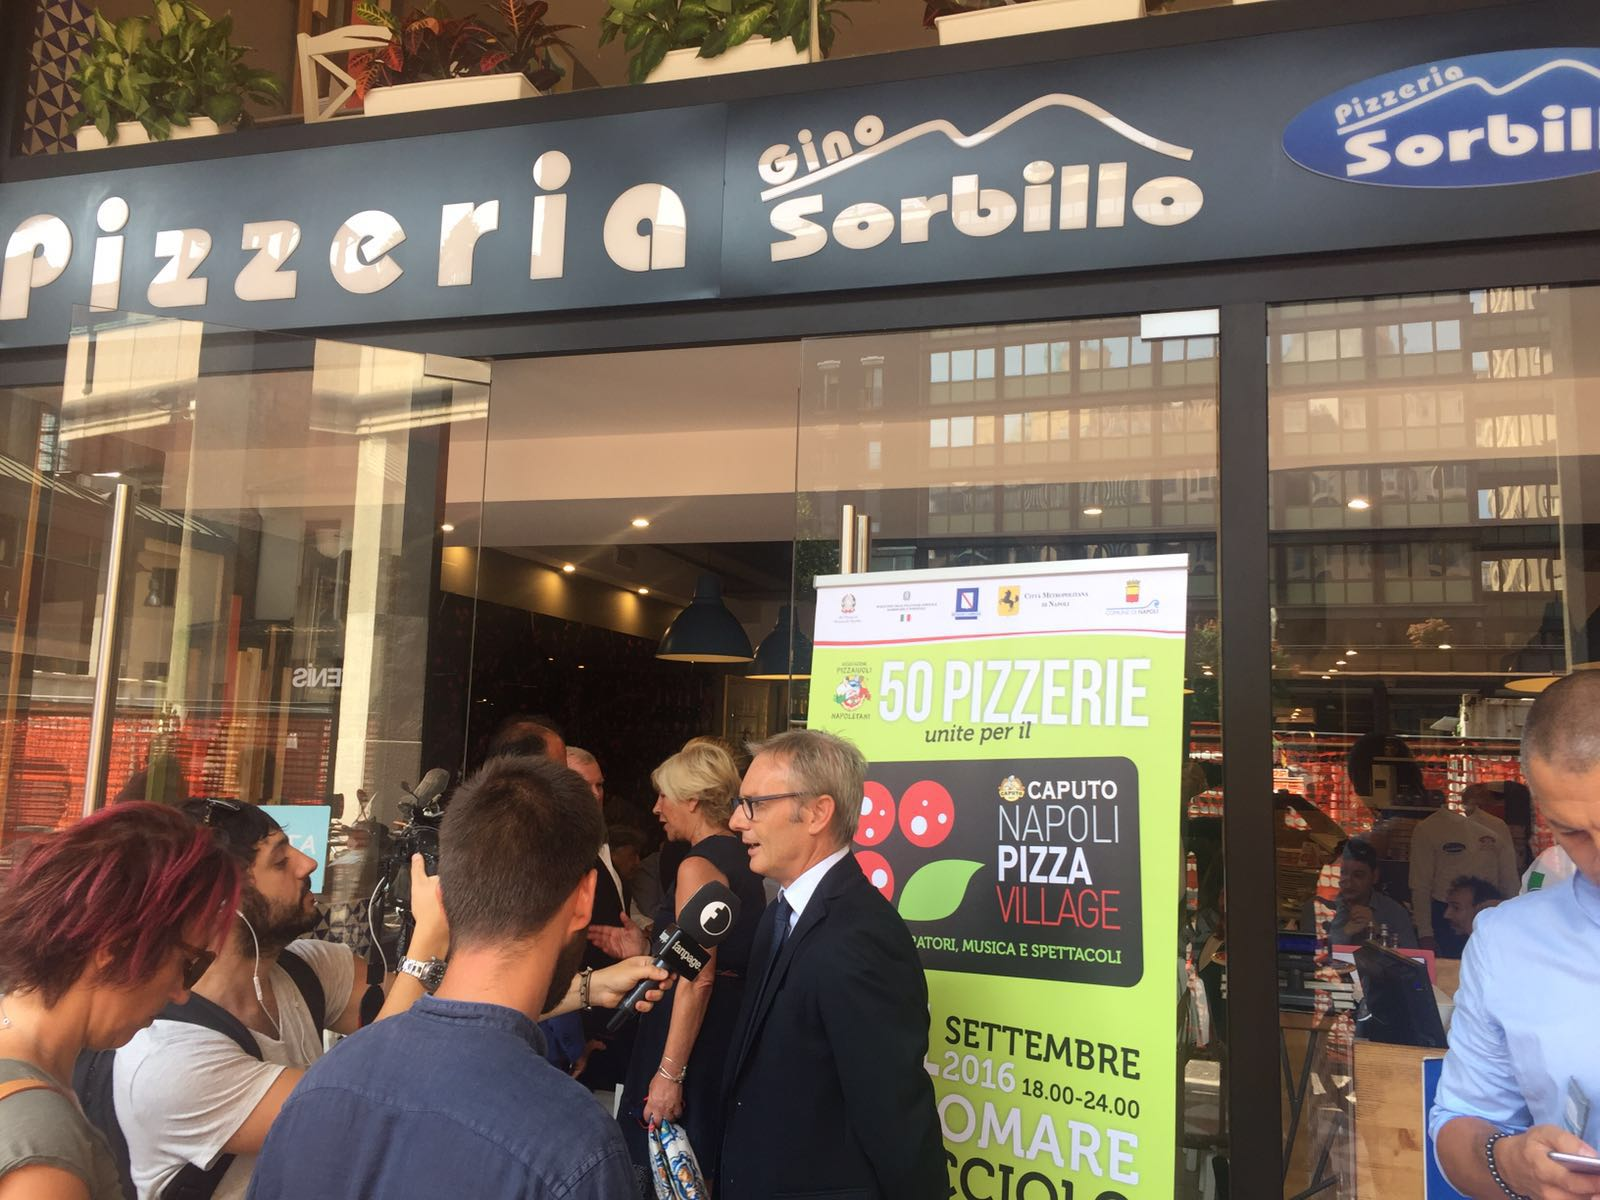 Napoli Pizza Village 2016 presentazione Sorbillo Milano 1